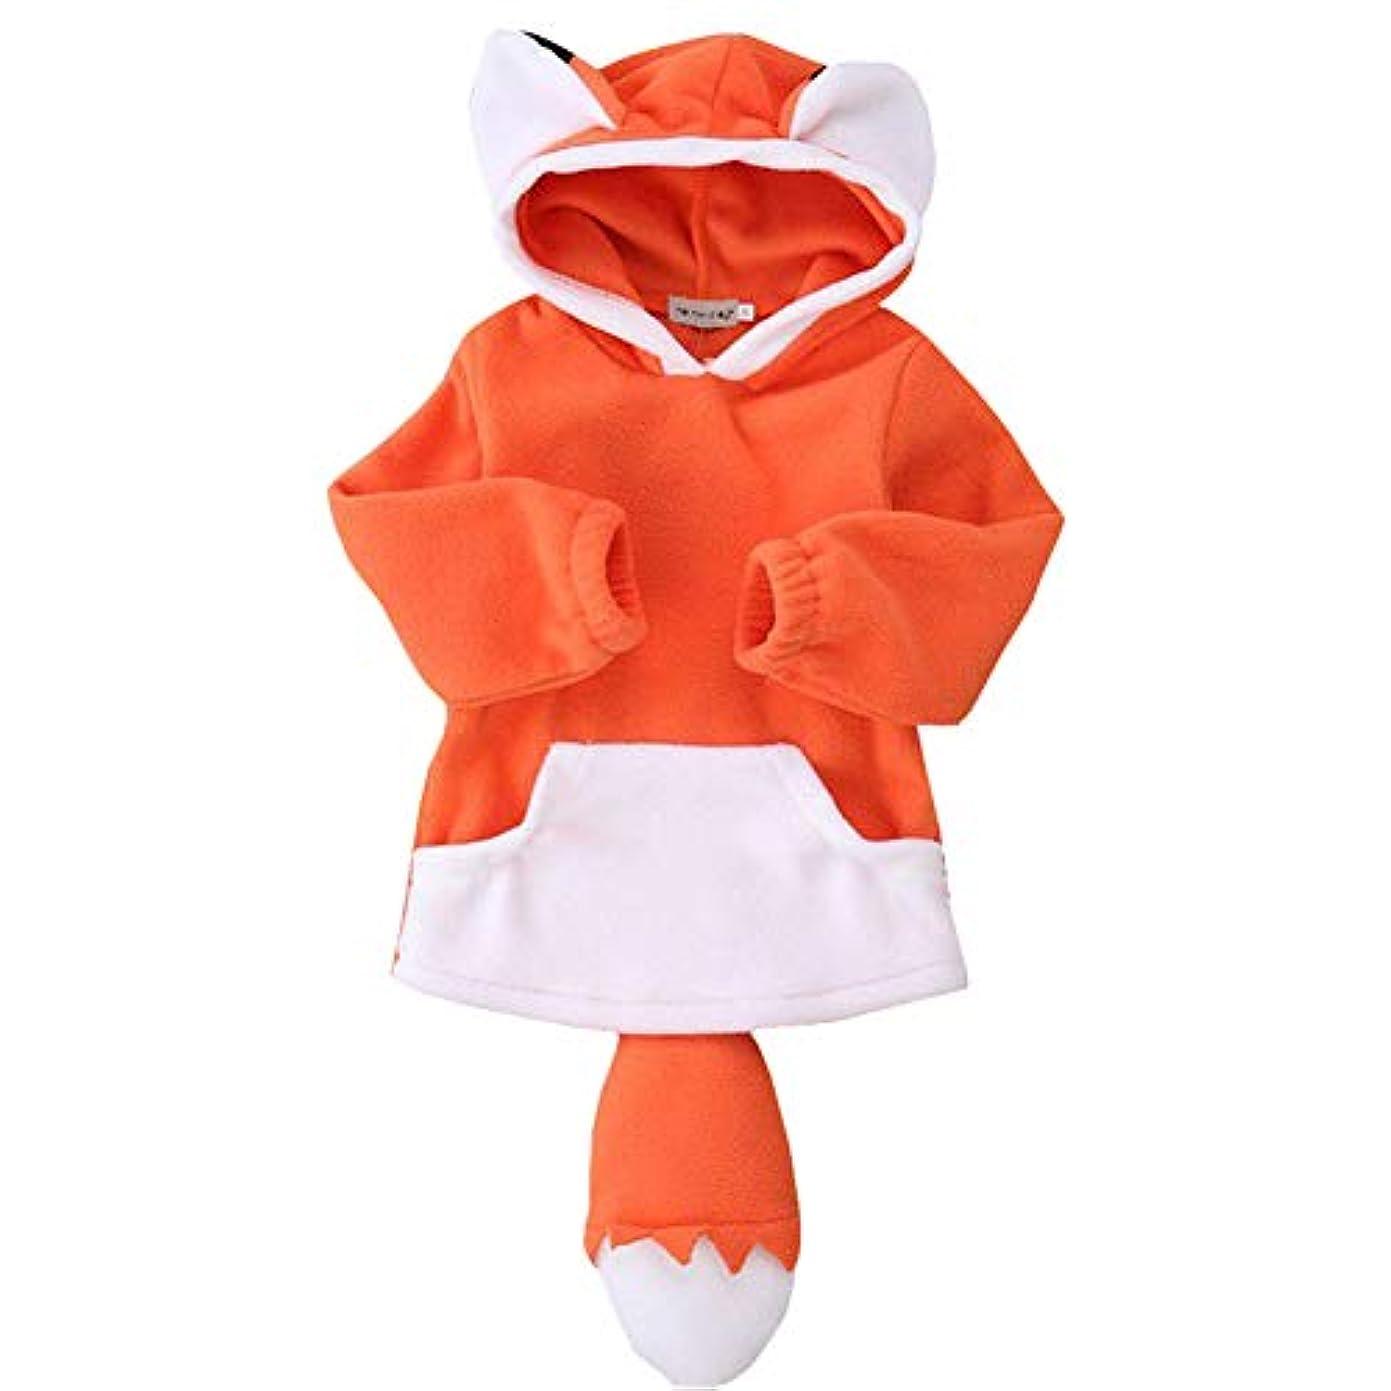 料理ドリンクコピーFairy Baby きつね着ぐるみ ベビーハロウィン仮装 子供衣装 可愛いテールつき ふわふわ コスチューム size 90 (オレンジ)